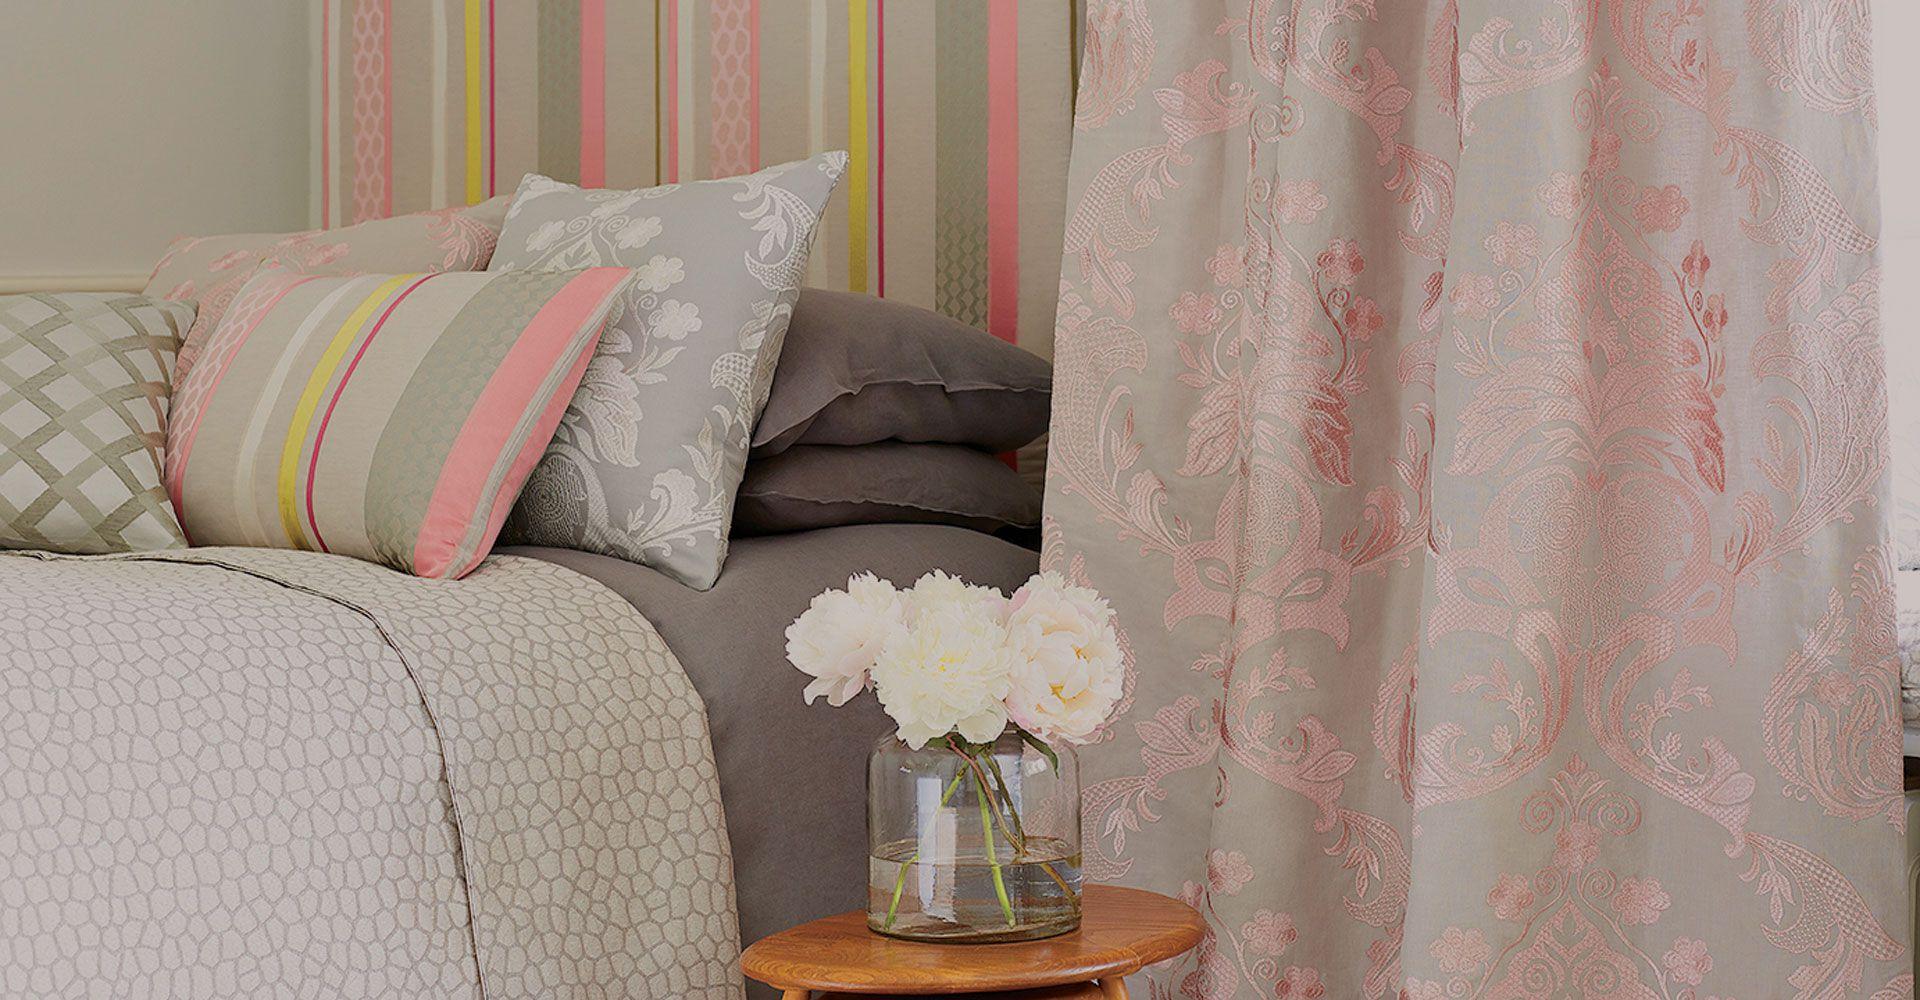 Tapety i poduszki